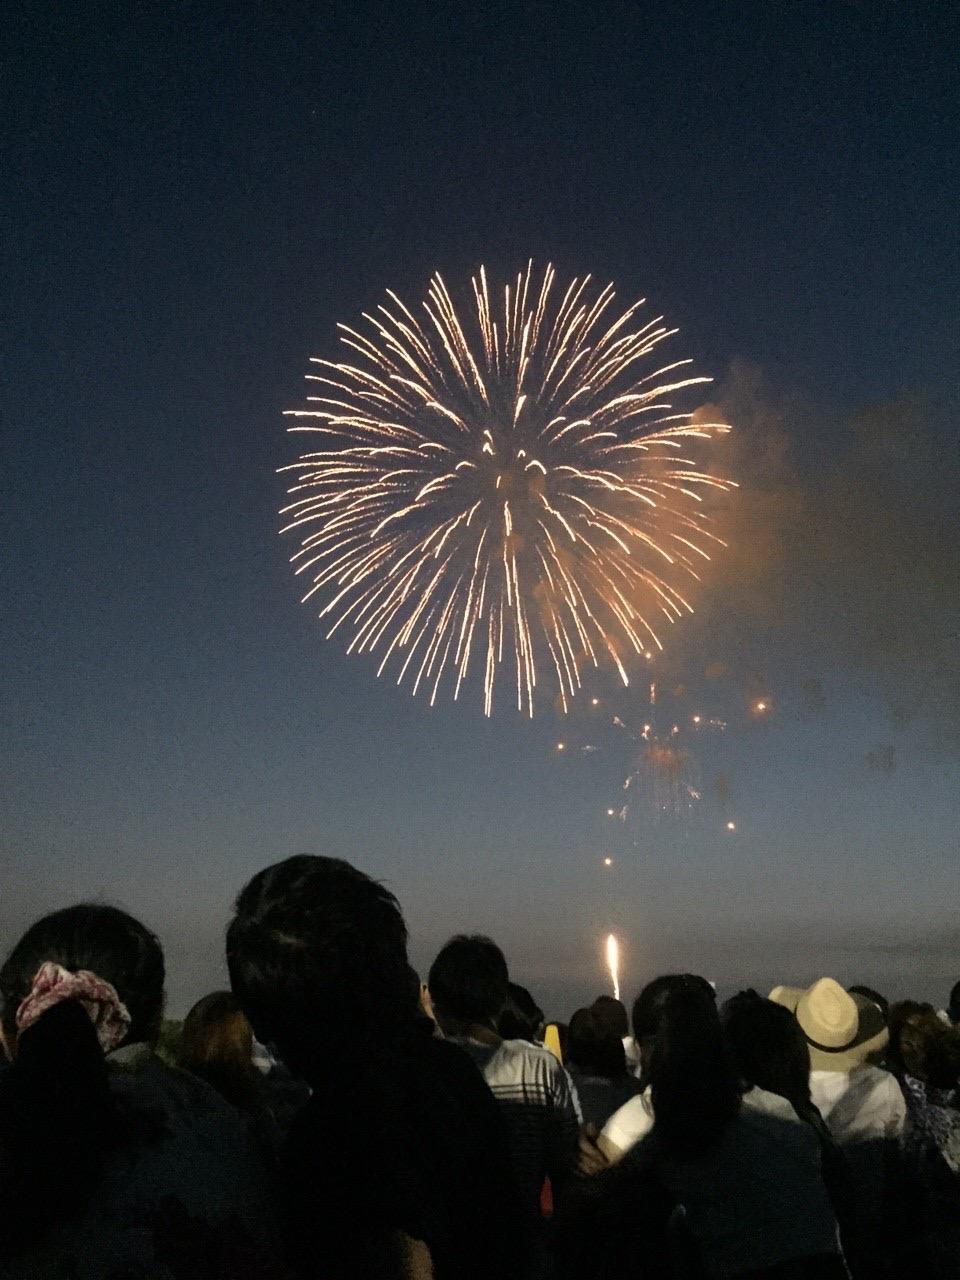 ストーリーを意識した花火の写真例